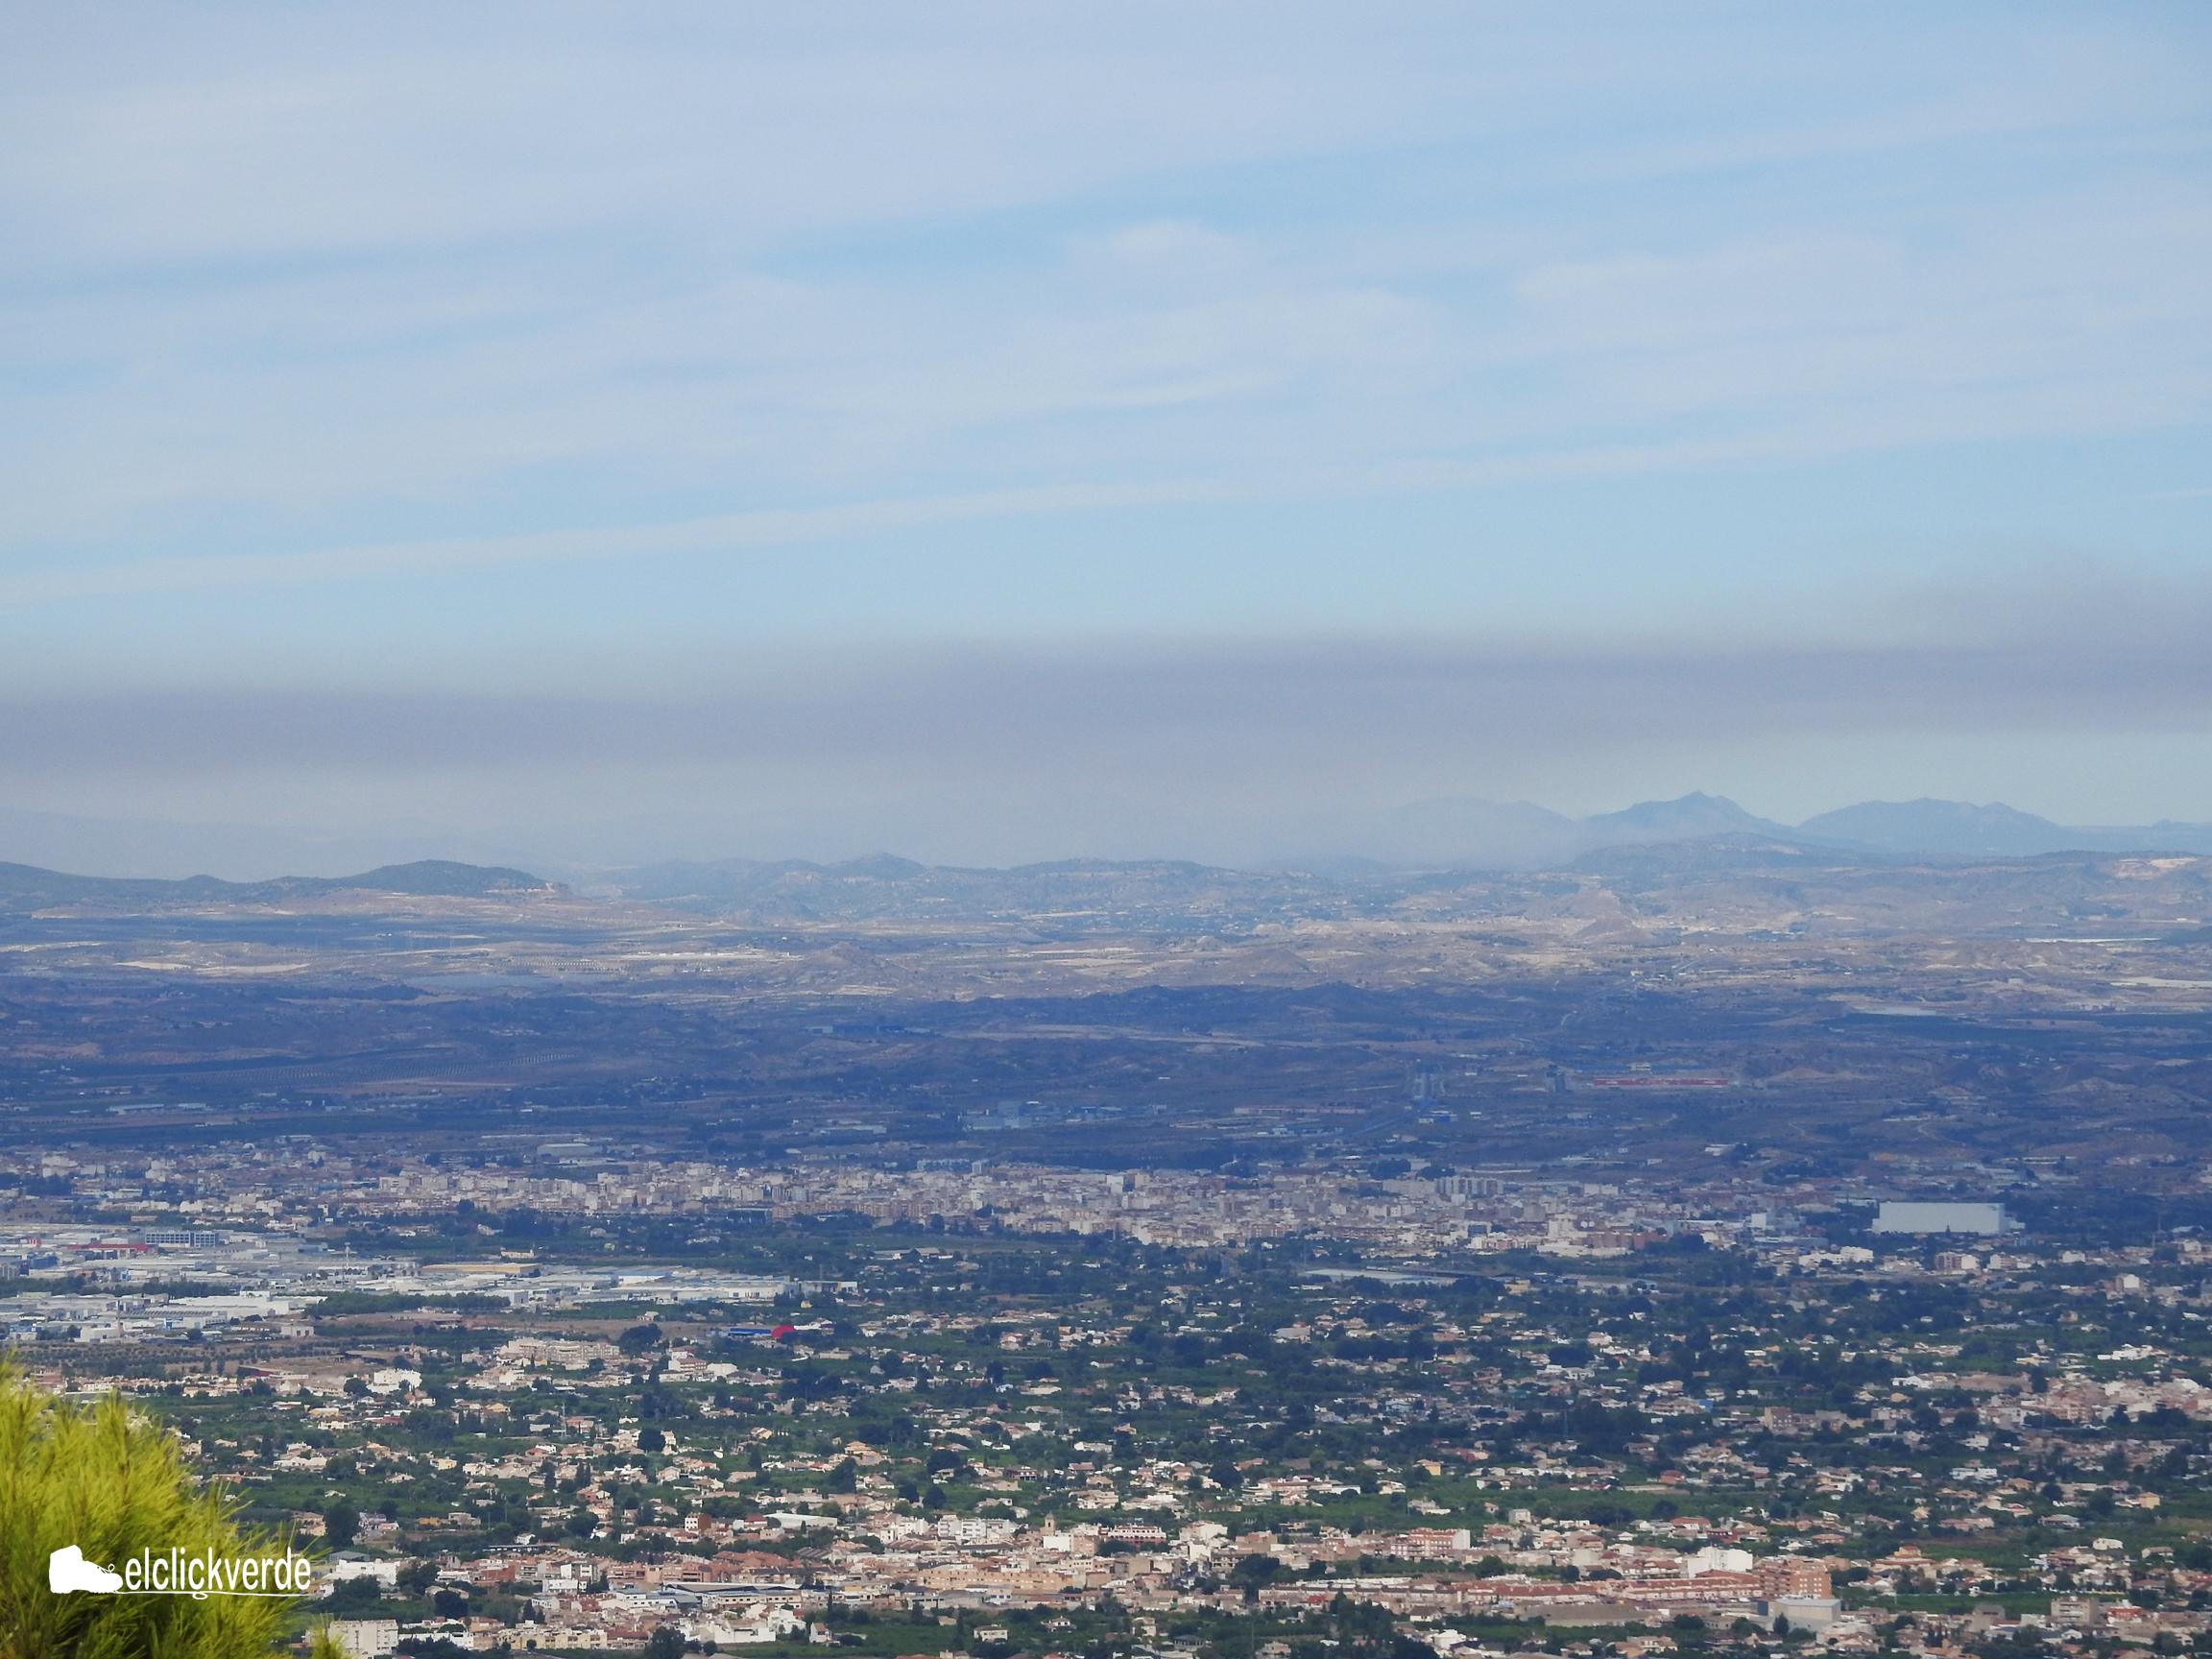 Vista del humo generado por el incendio desde la Cresta del  Gallo (Murcia)